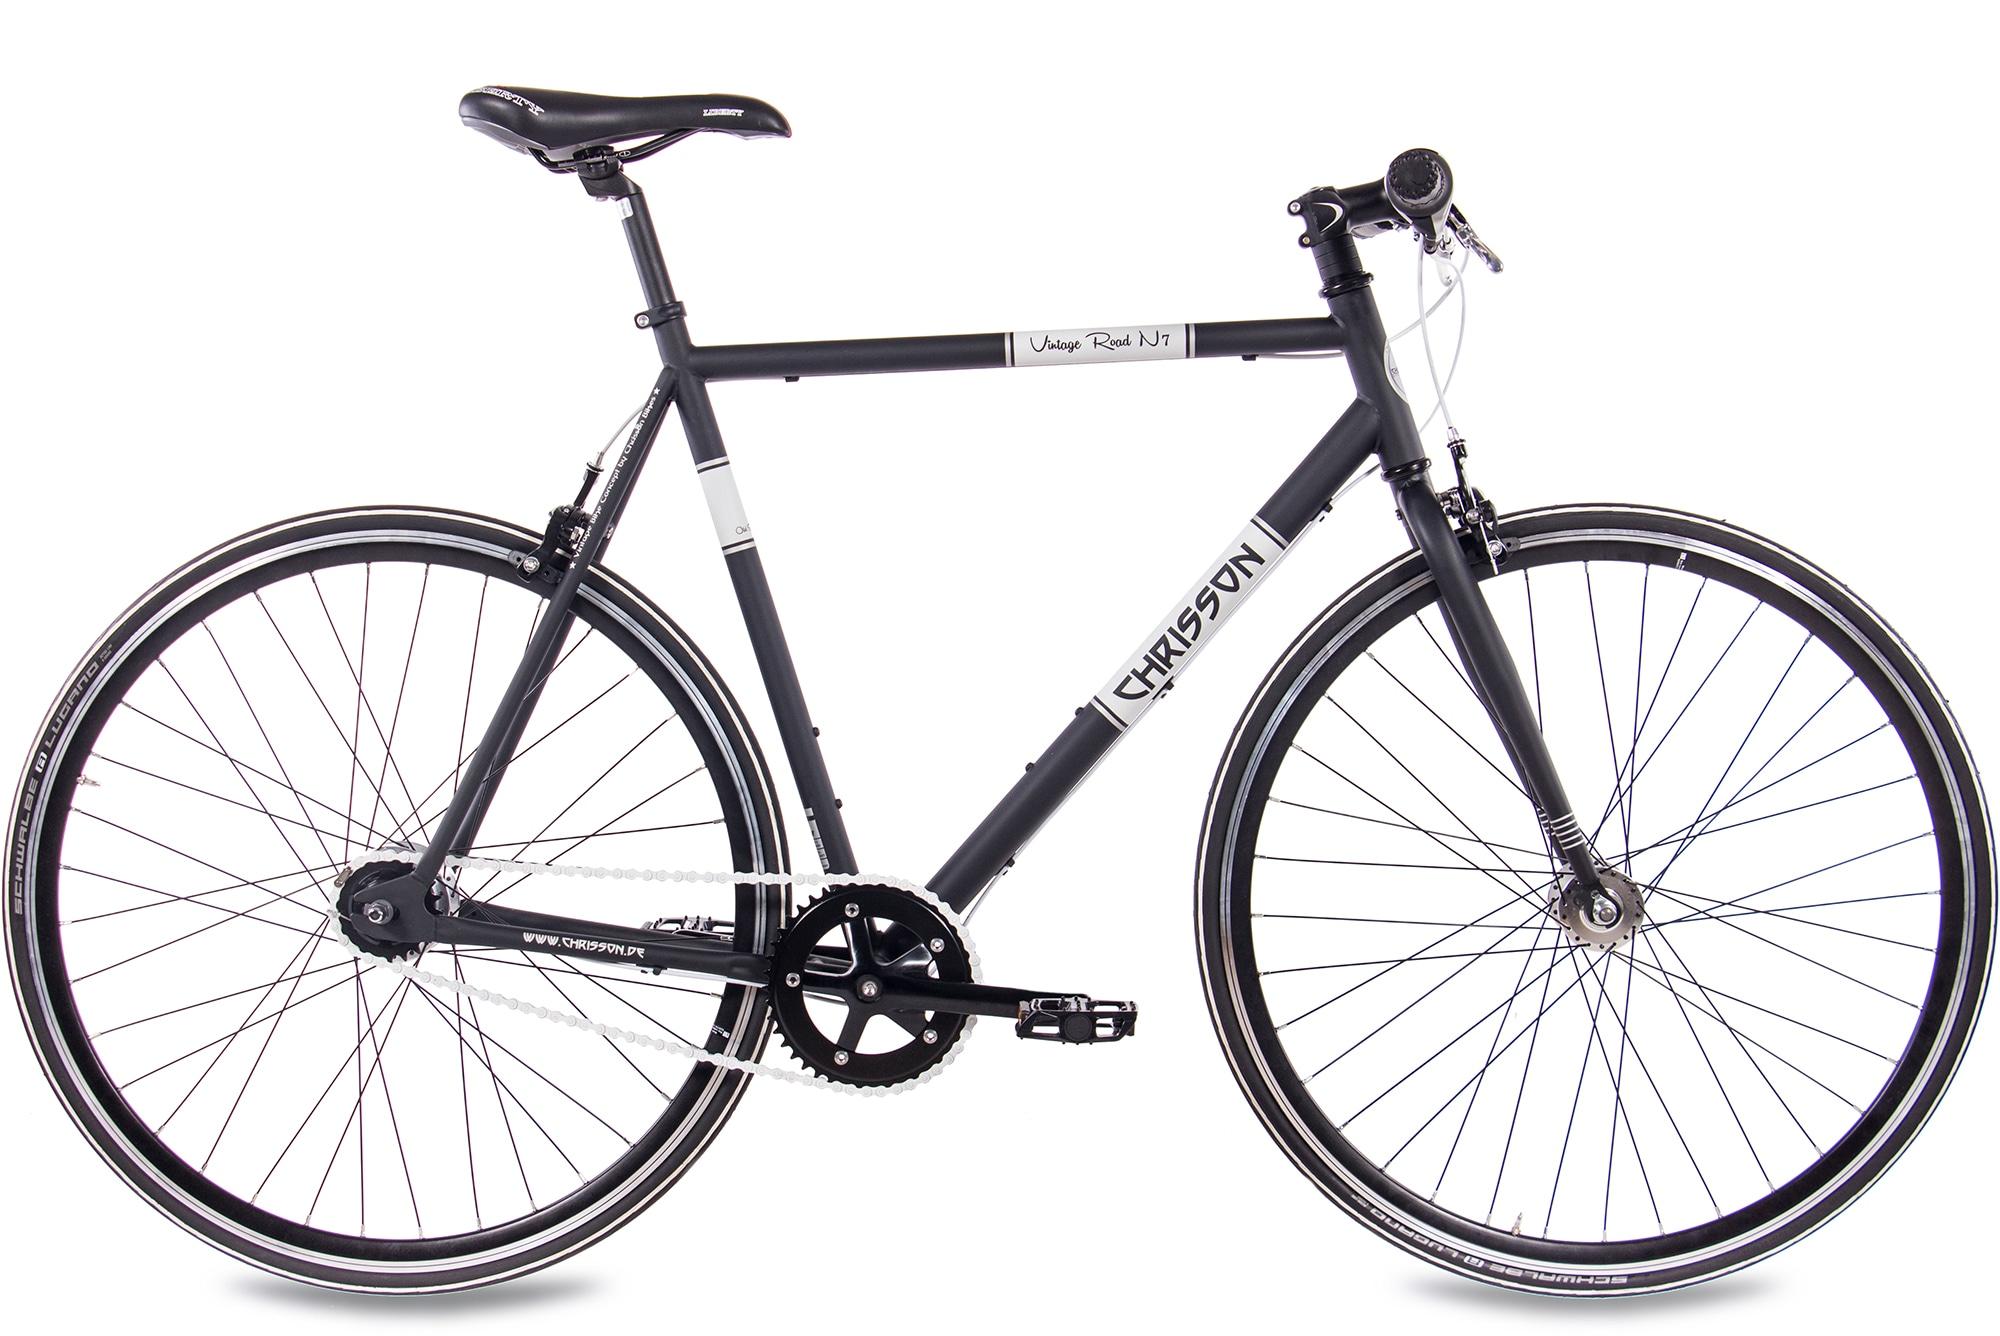 Chrisson Urbanbike Vintage Road N7, 7 Gang, Shimano, Nexus SG-7R42 Schaltwerk, Nabenschaltung schwarz Crossräder Fahrräder Zubehör Fahrrad